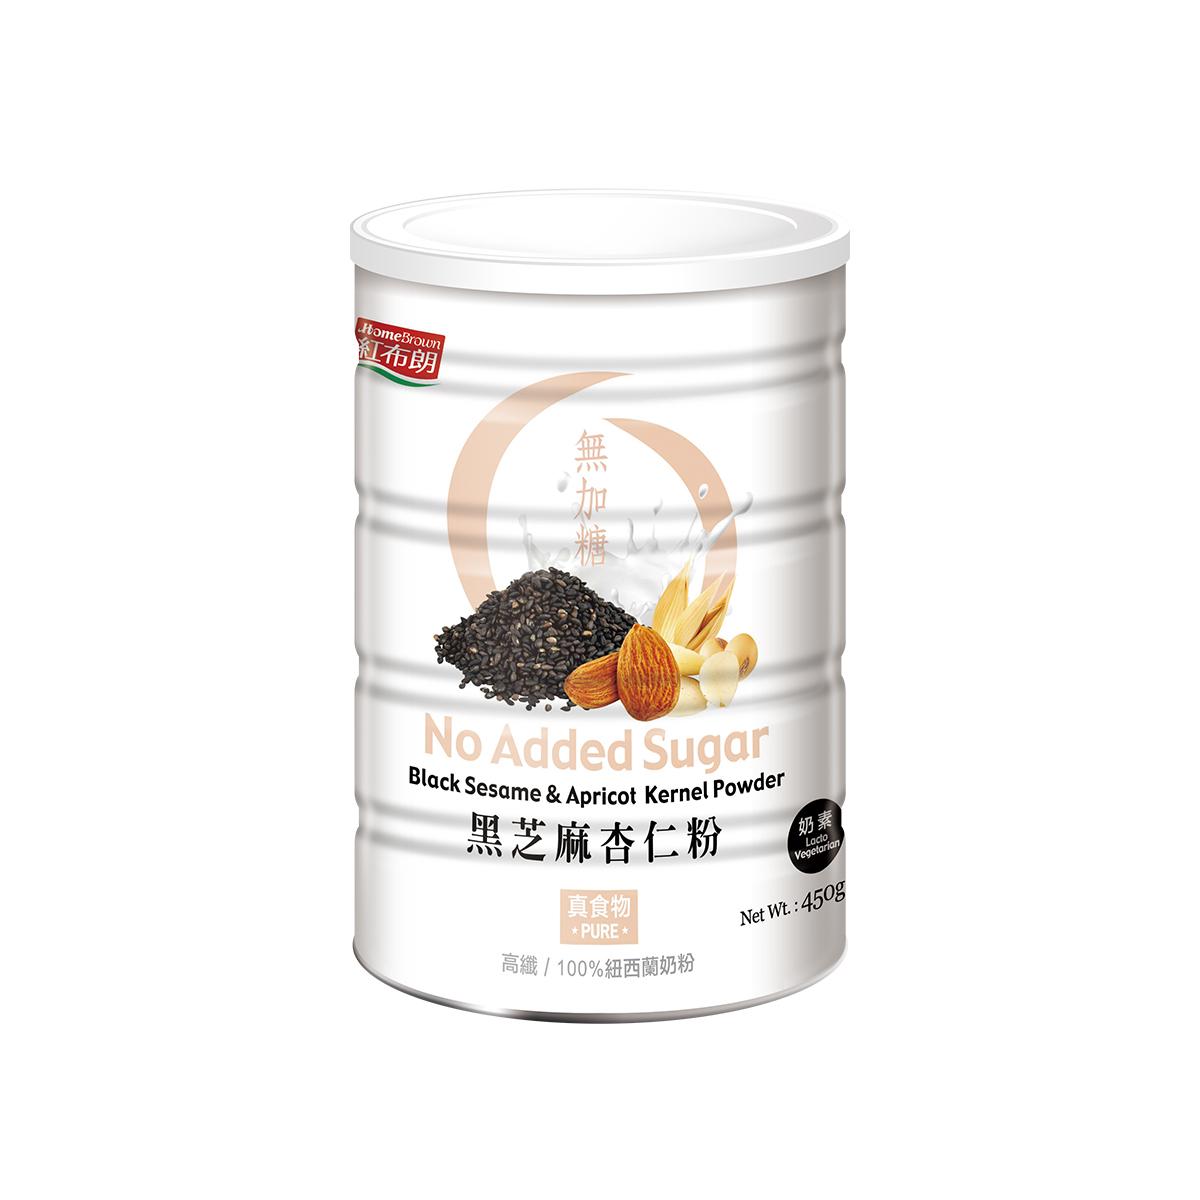 《紅布朗》黑芝麻杏仁粉 (450g)